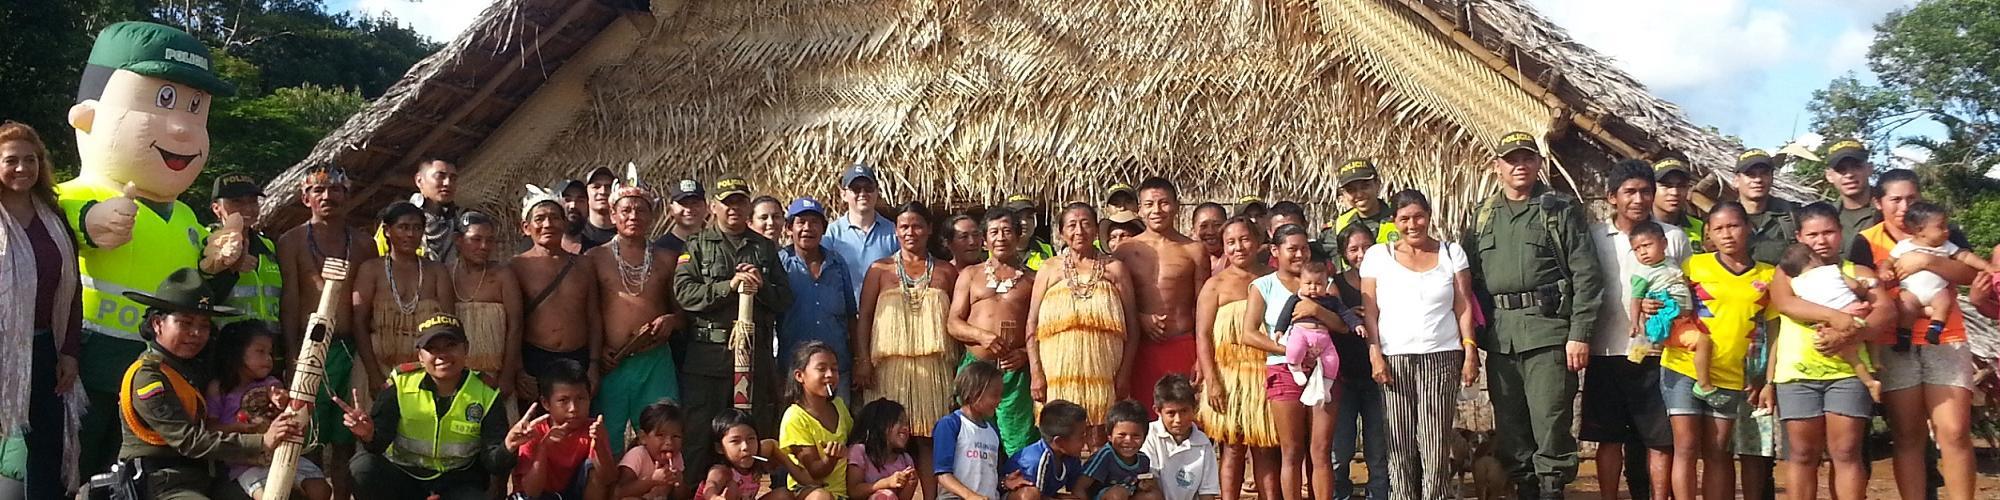 Mitu-vaupes-departamento-policia-comunidad-indigena